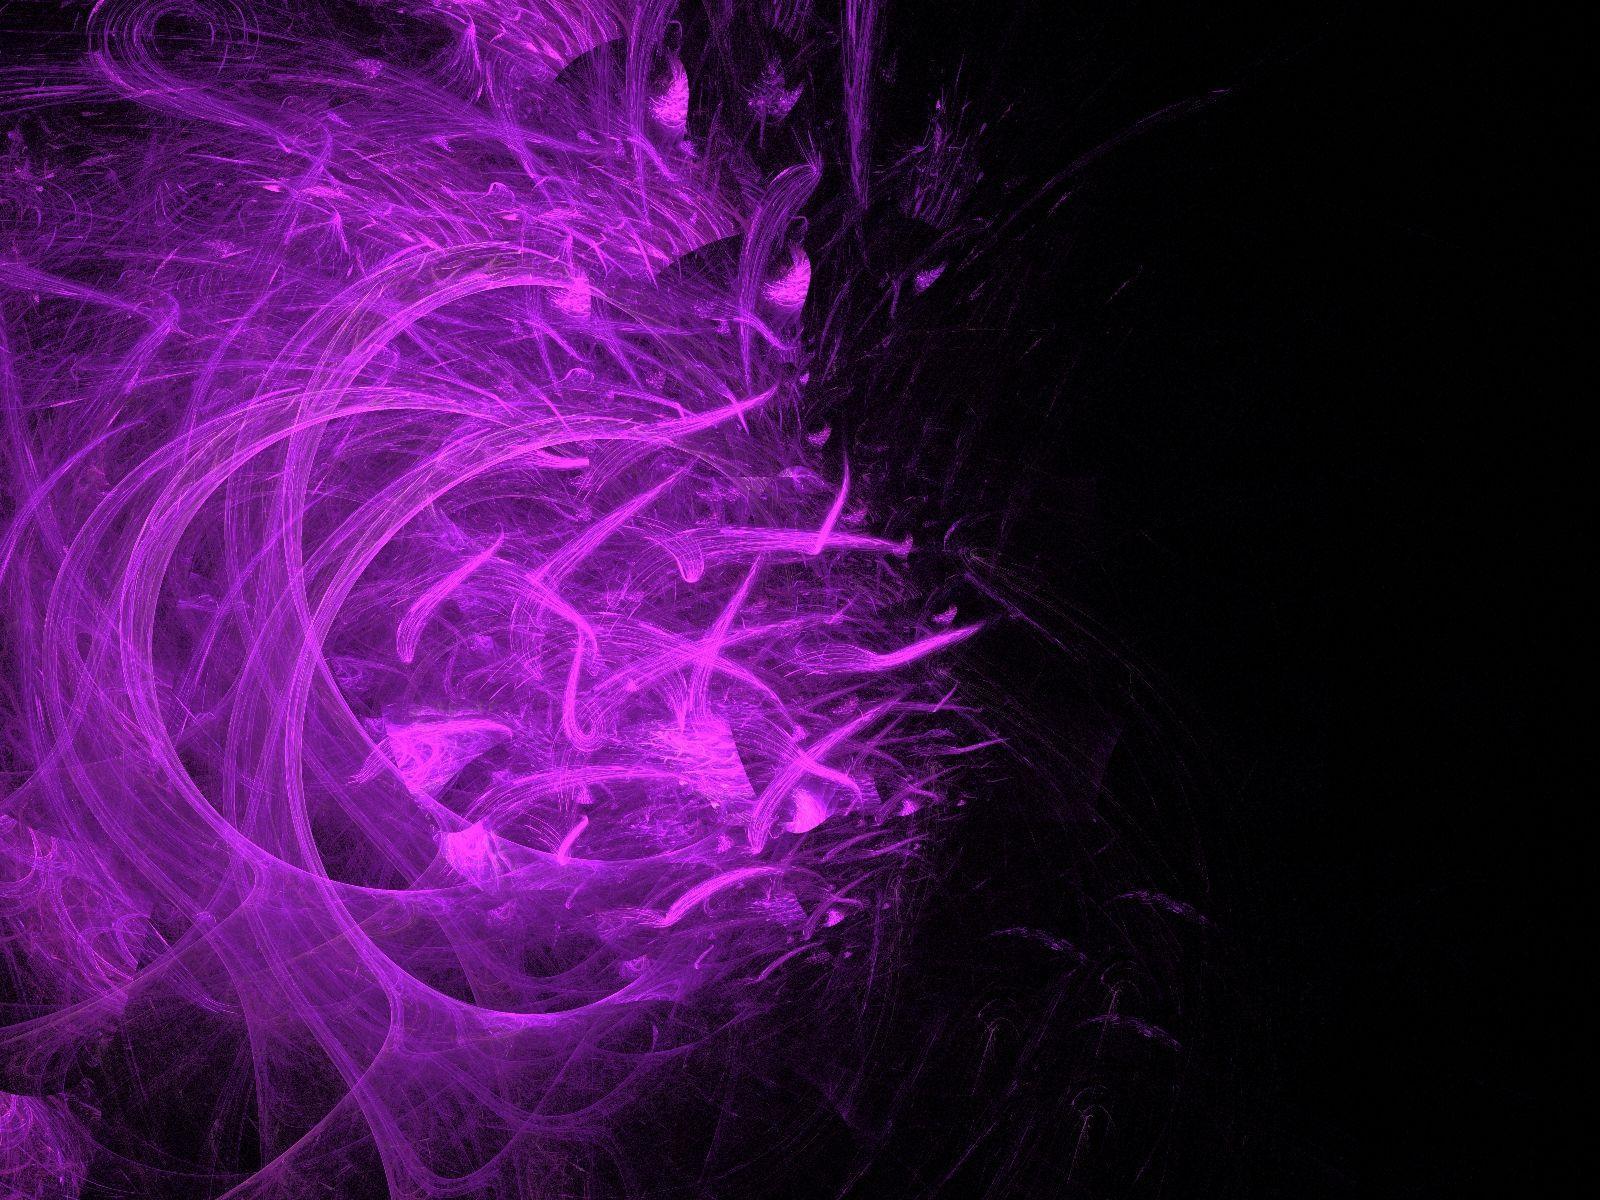 Dark Purple Aesthetic Wallpapers - Top Free Dark Purple ...